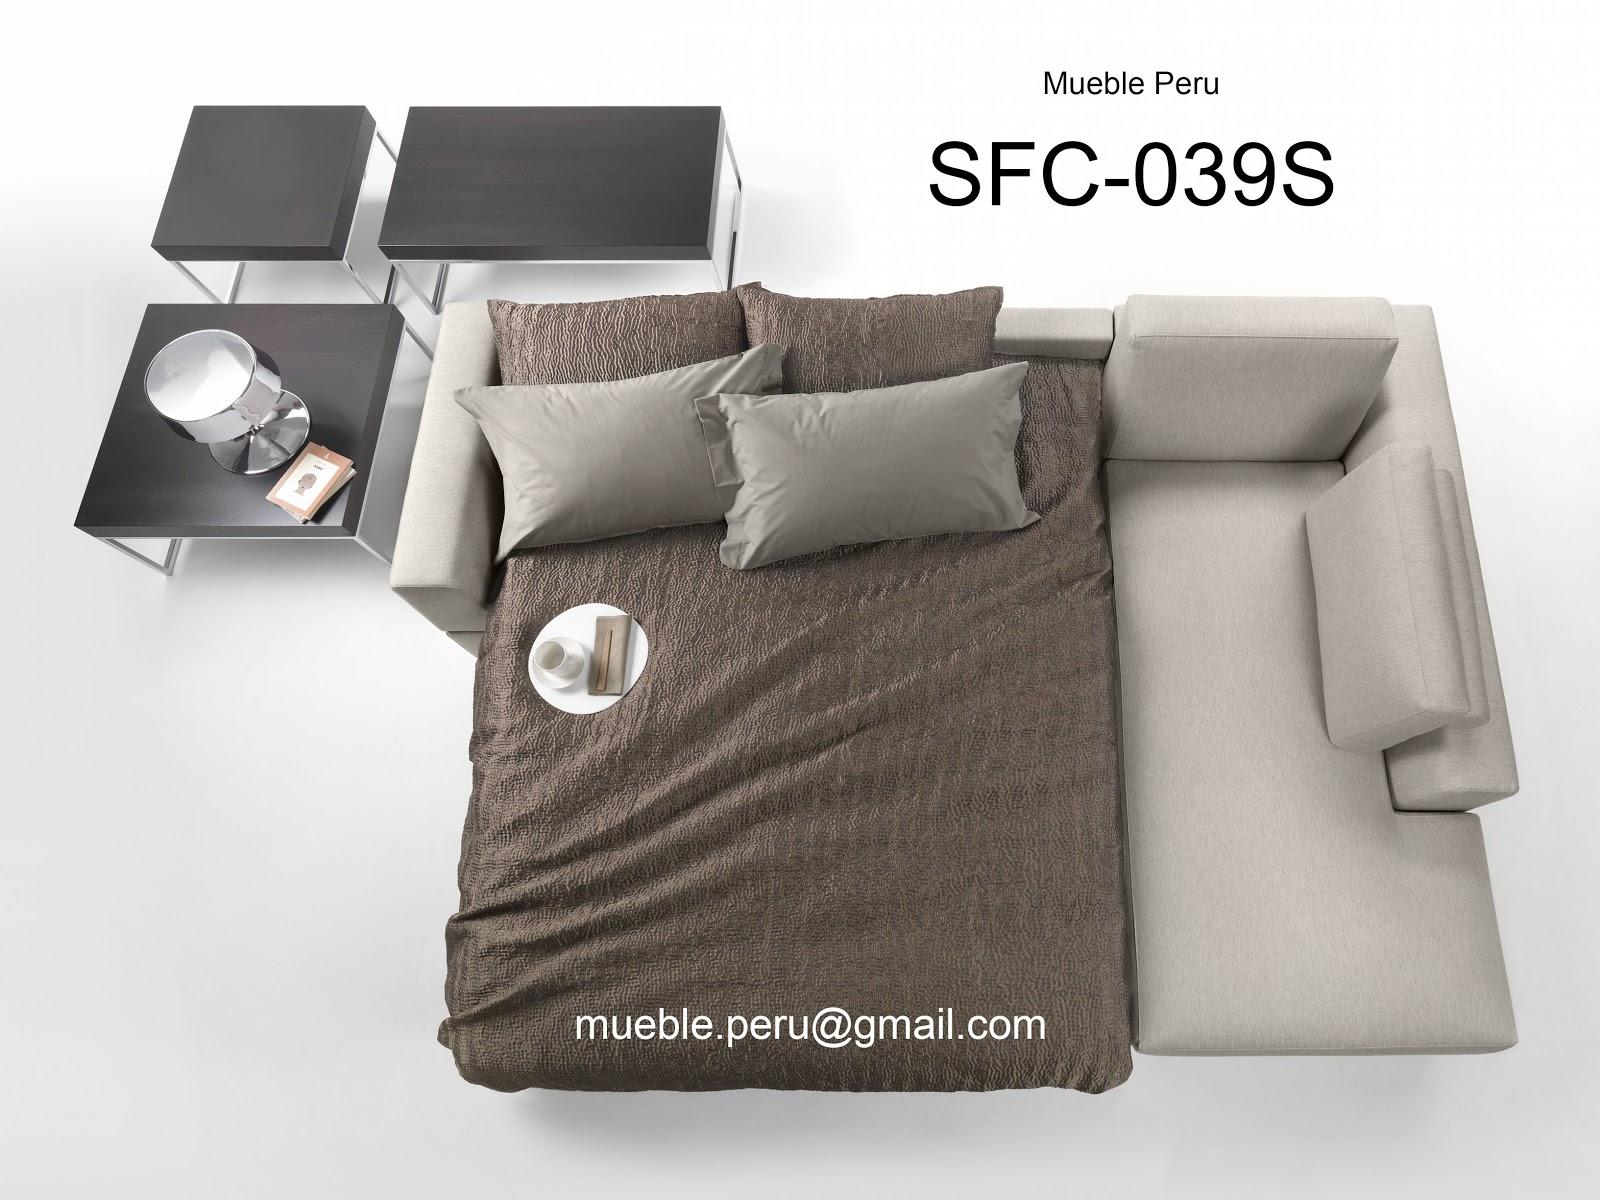 Sofa Sfc Top Grain Leather Recliner Mueble PerÚ Muebles De Sala Modernos SofÁs Cama